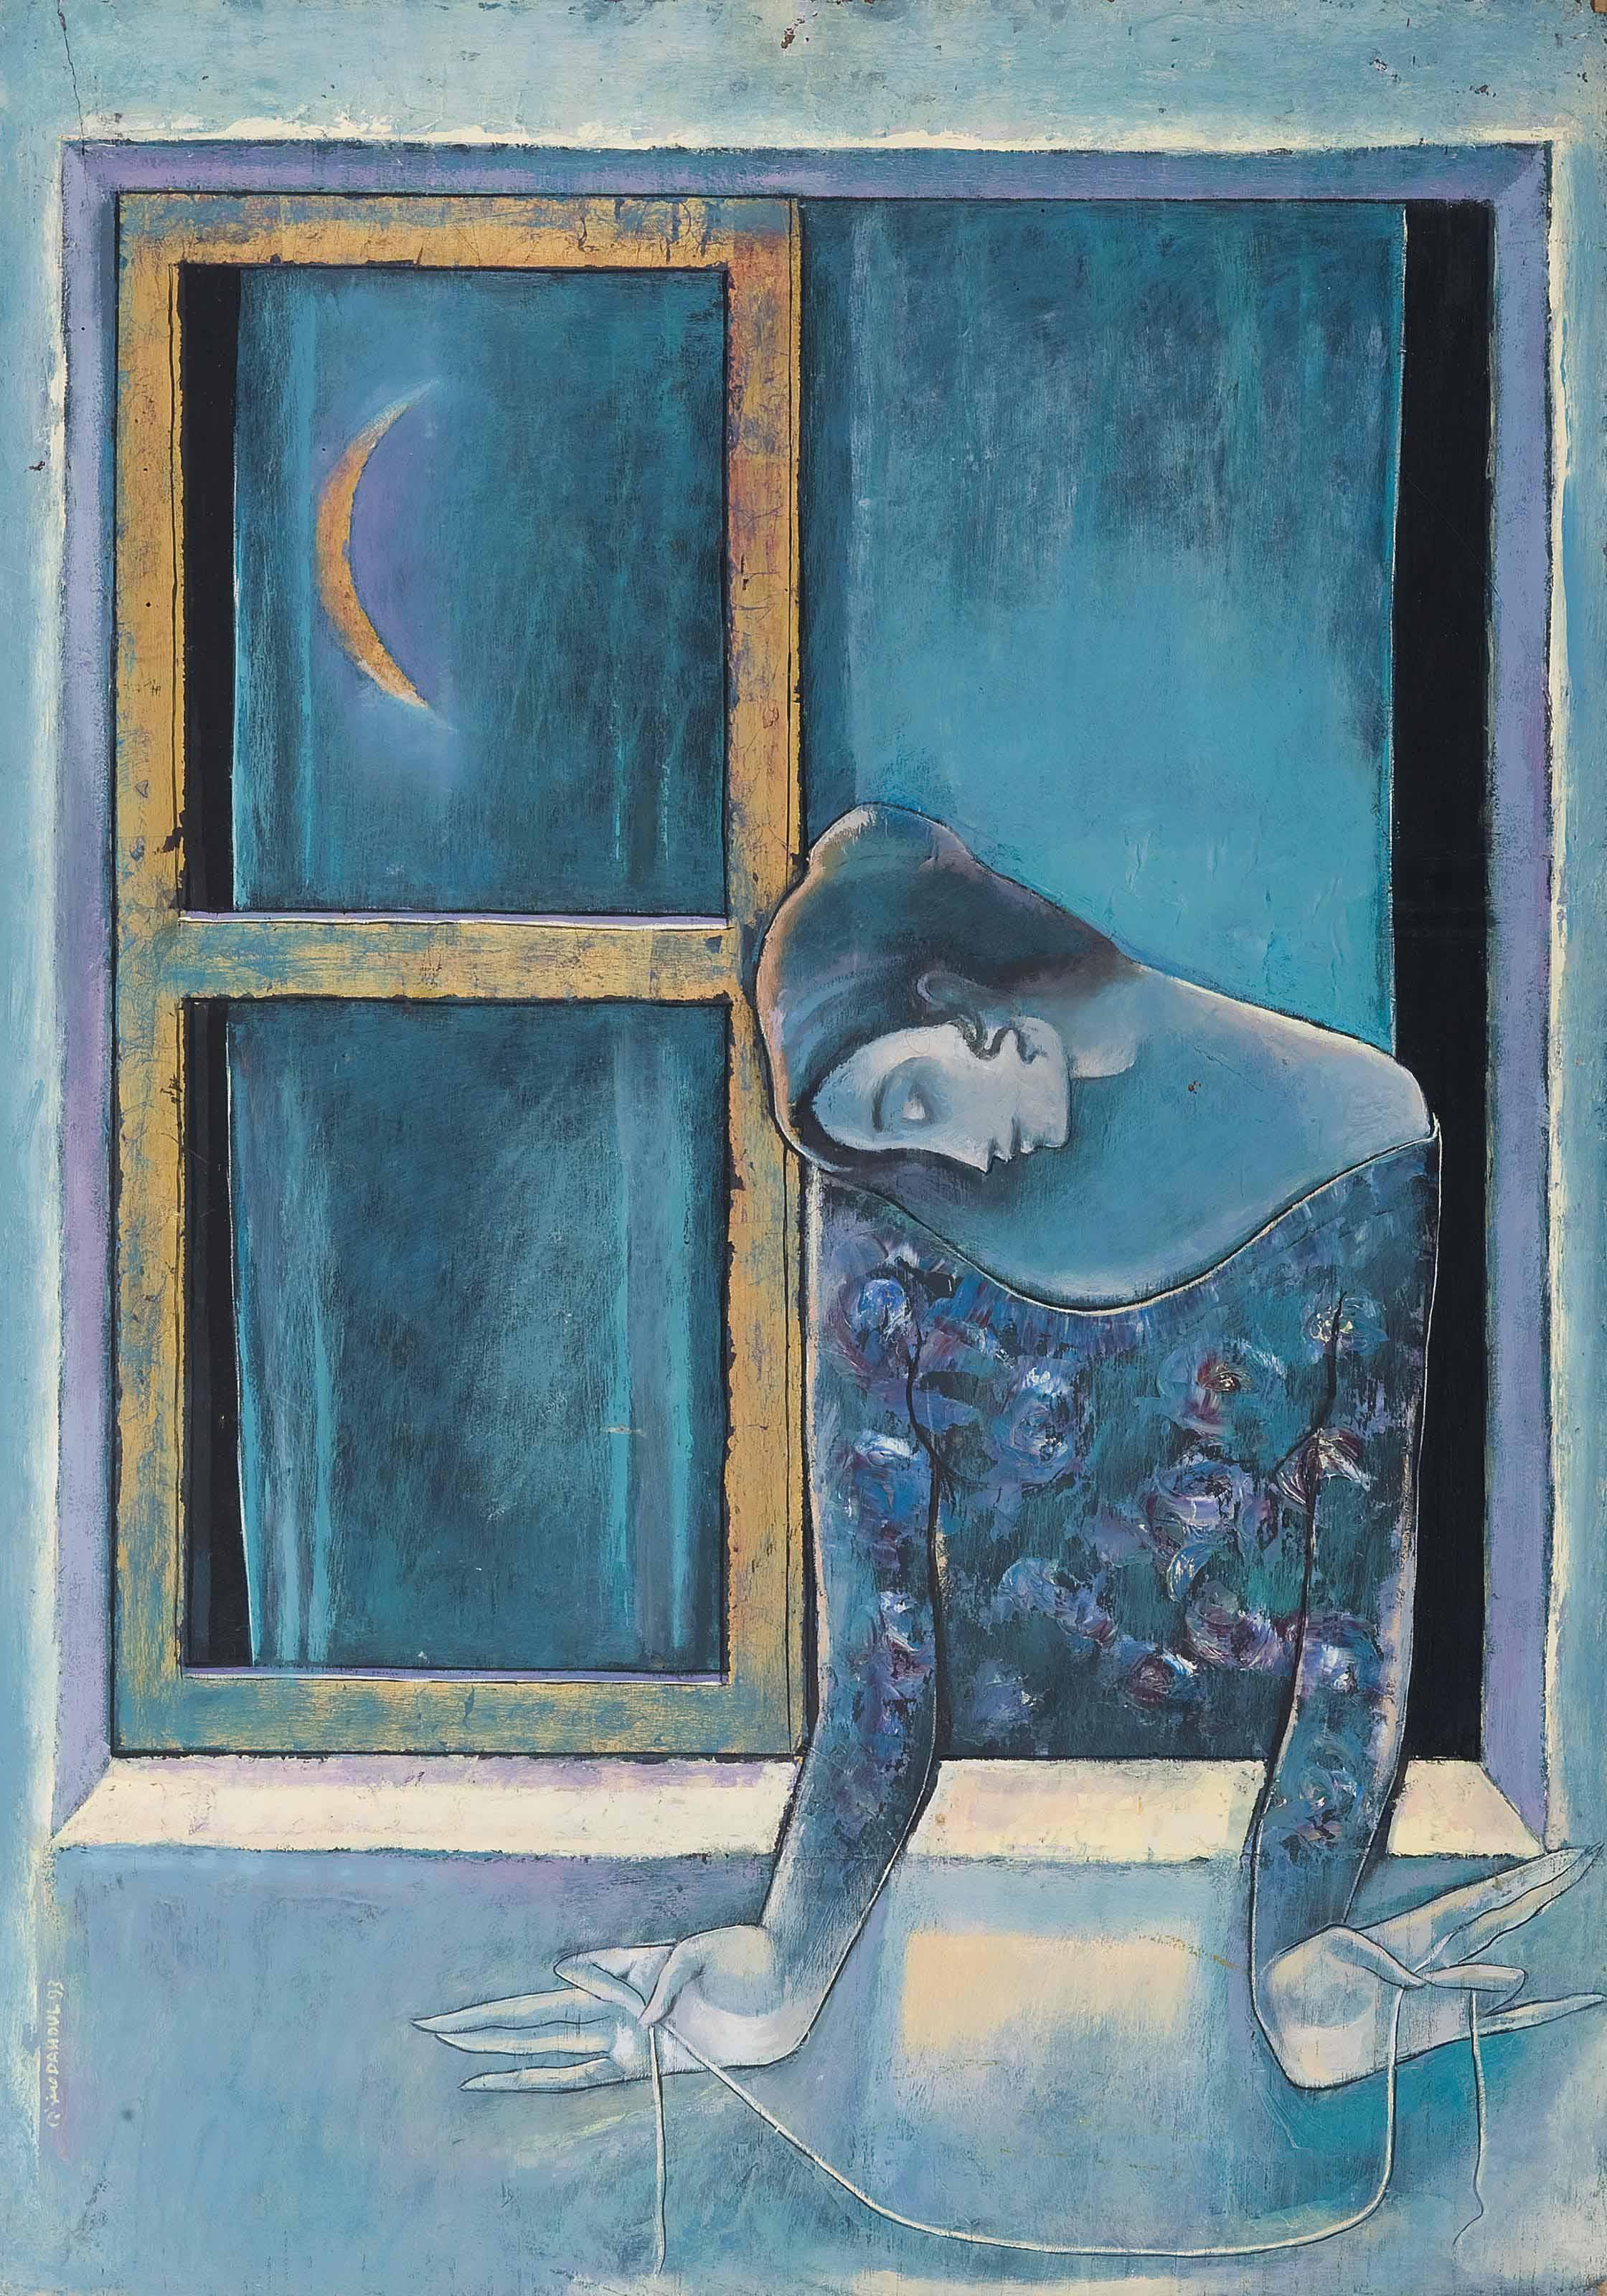 Safwan Dahoul (Syrian, b. 1961)